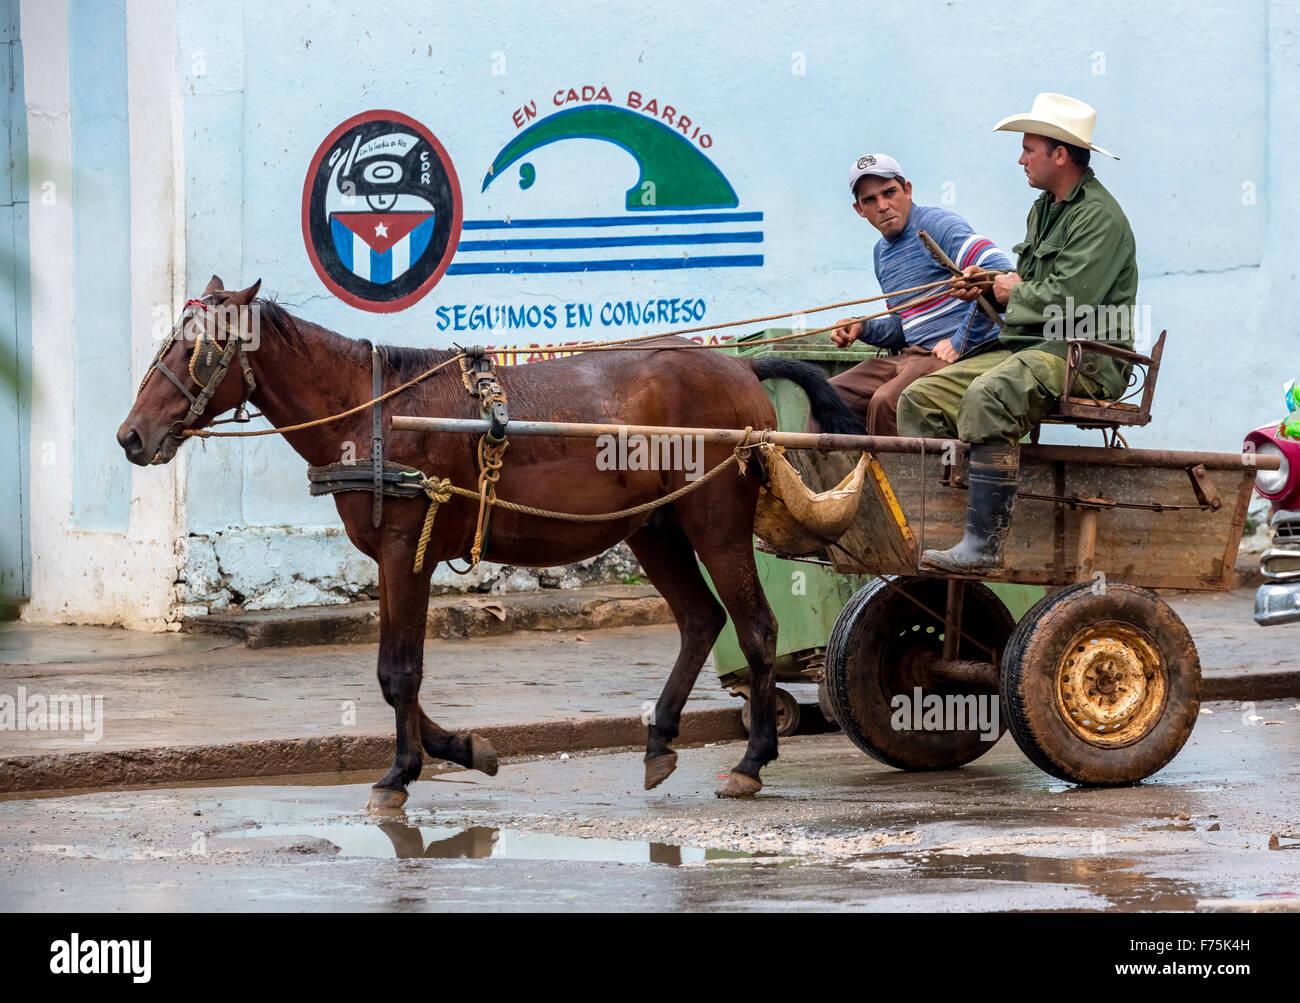 Buggy, compañeros, dos einspänniges granjero Cubano Cubano, transporte, Viñales, Cuba, Pinar del Imagen De Stock